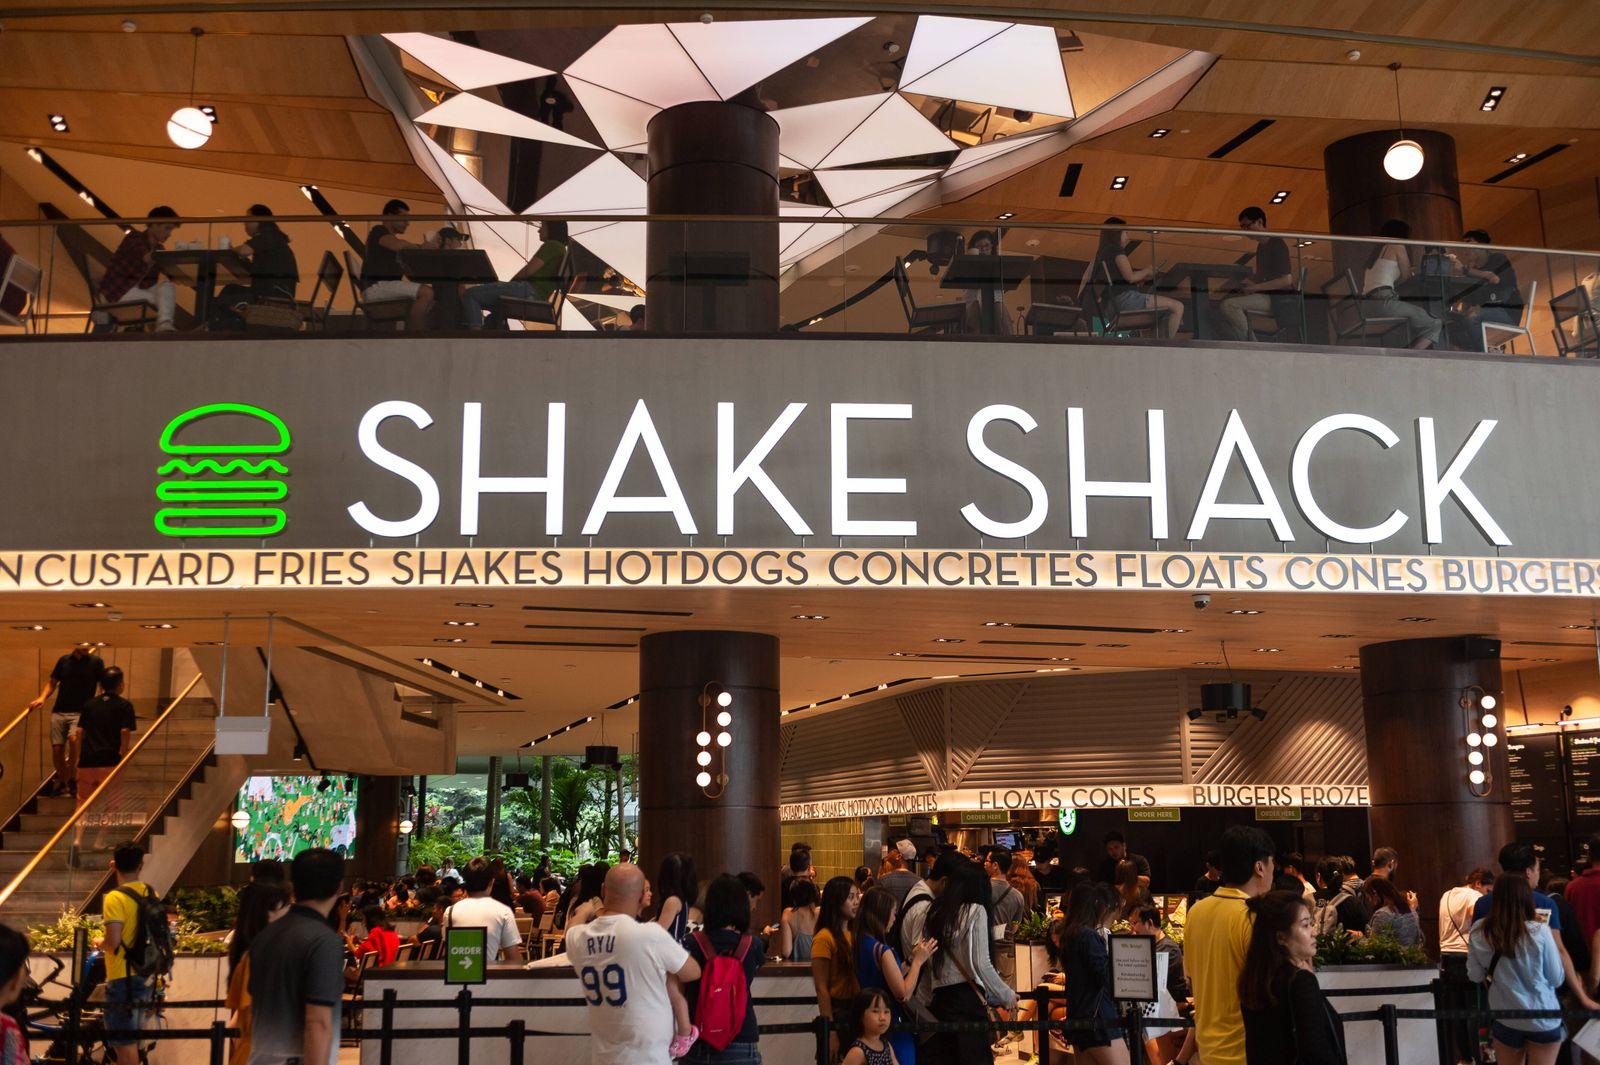 28.04.2019, Singapur, Republik Singapur, Asien - Das erste Schnellrestaurant der Shake Shack Kette in Singapur im neuen